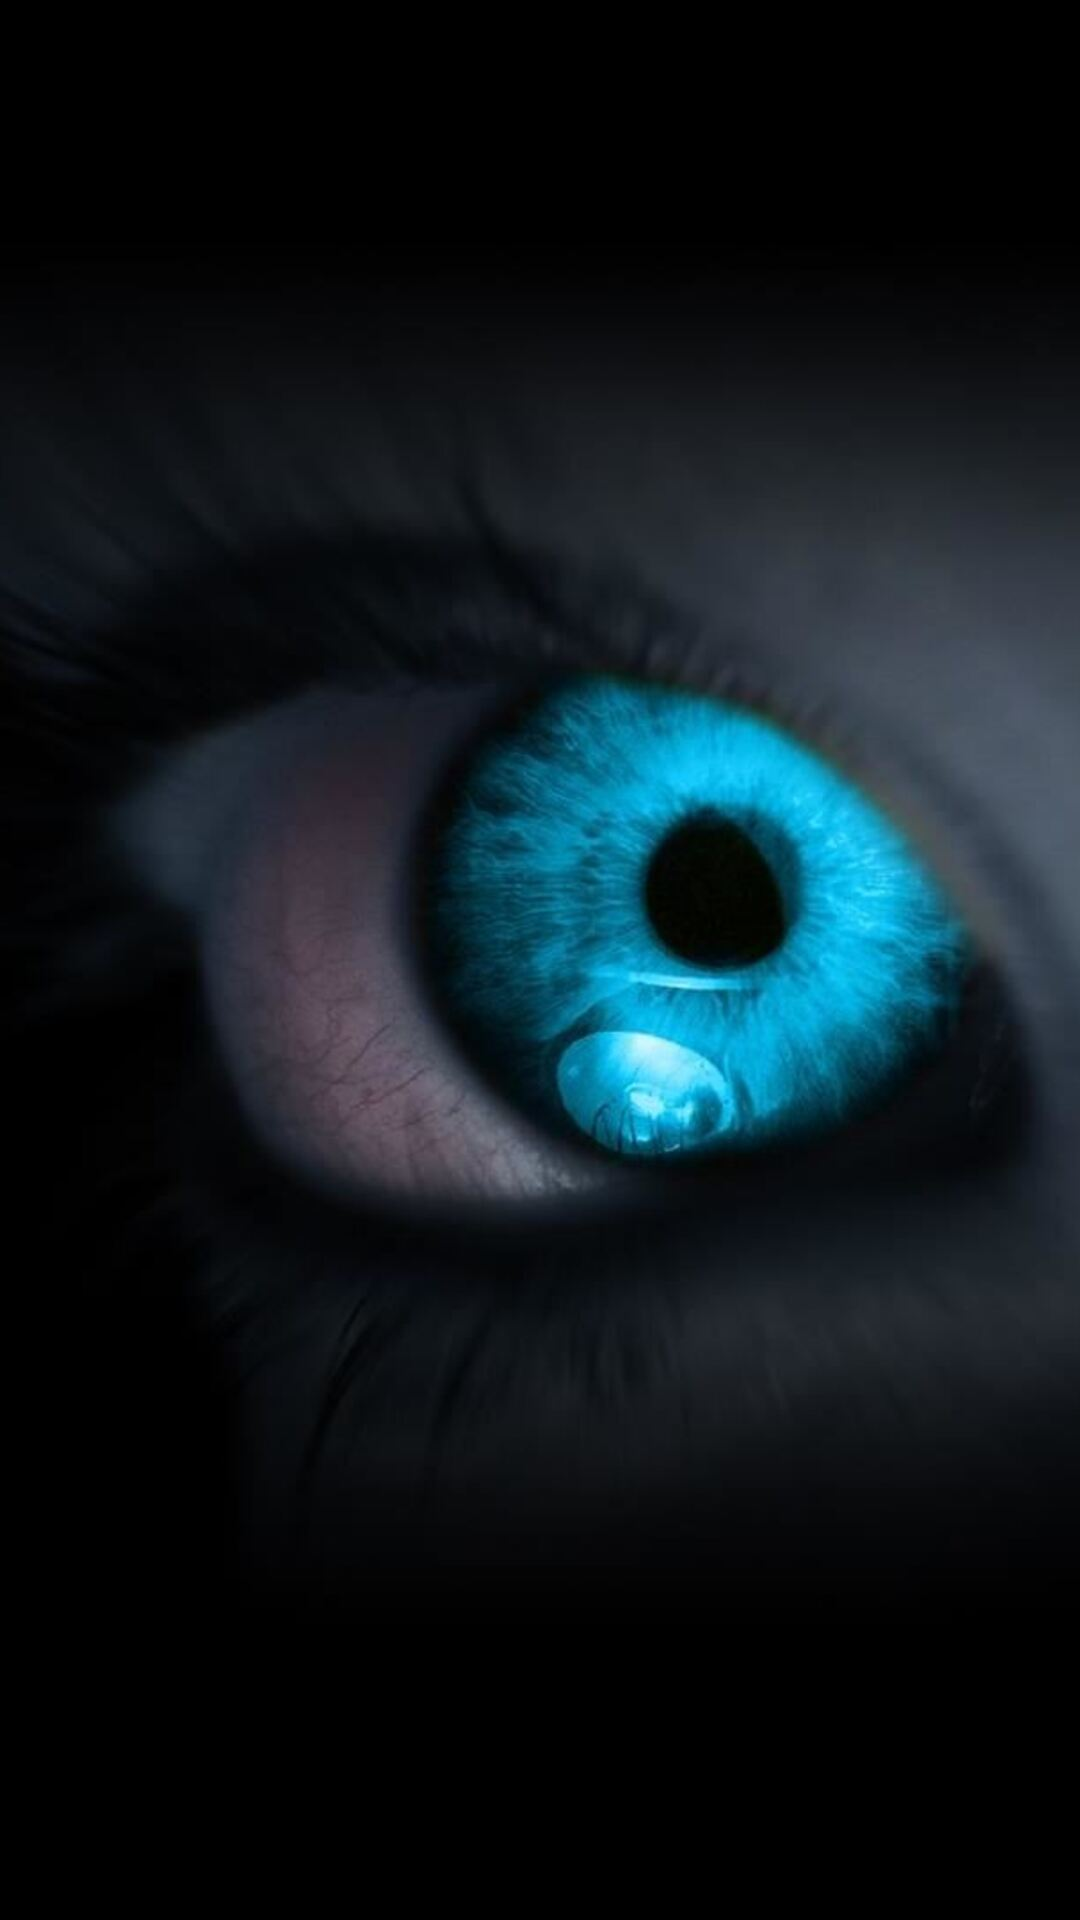 glowing-eye-ap.jpg